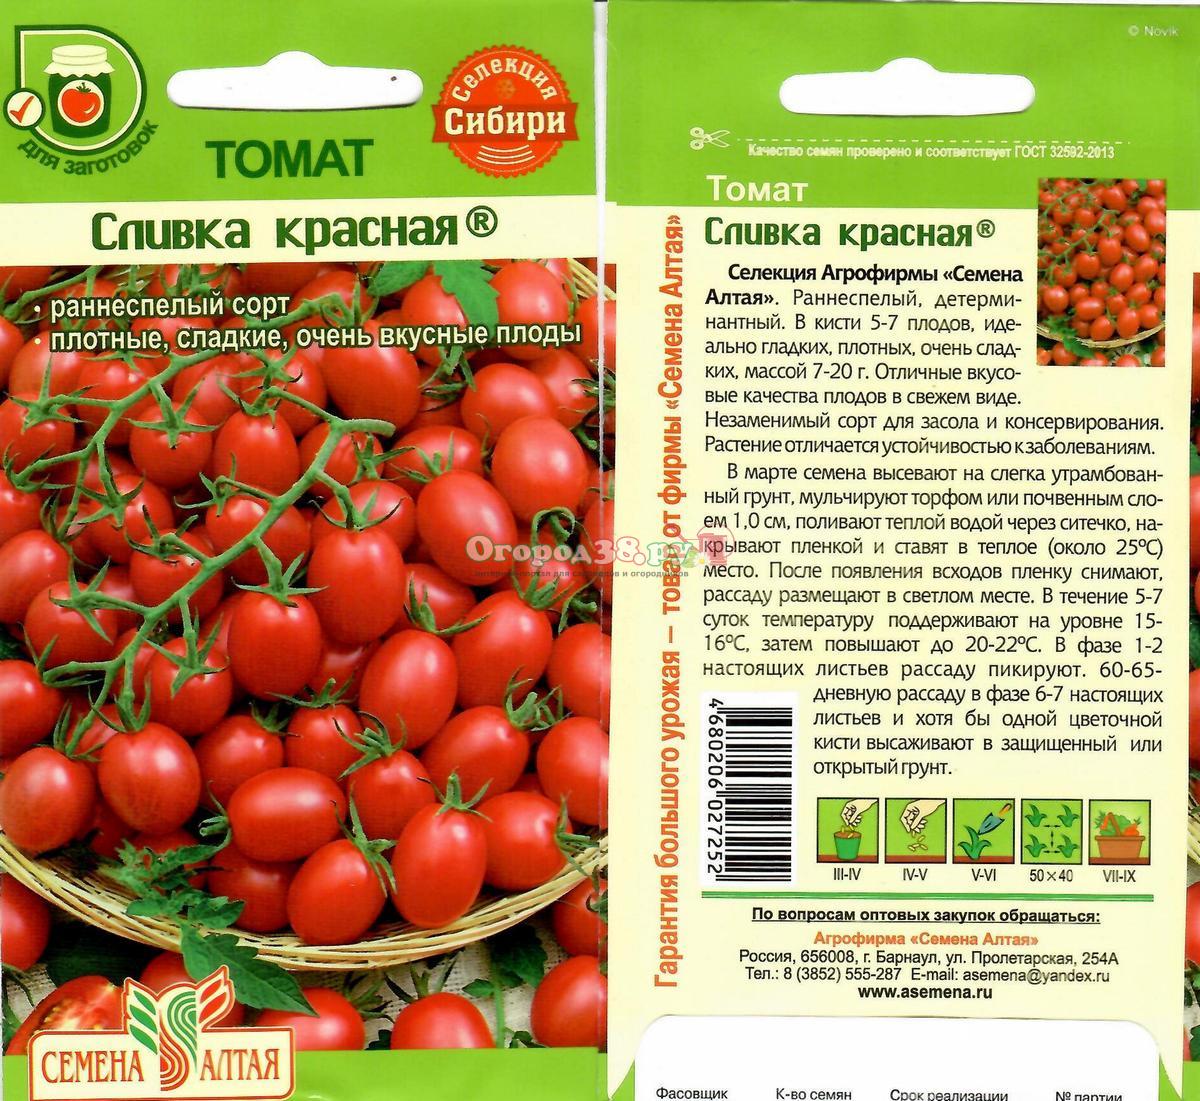 """Томат """"крупная сливка"""": описание сорта и фото, рекомендации по выращиванию русский фермер"""